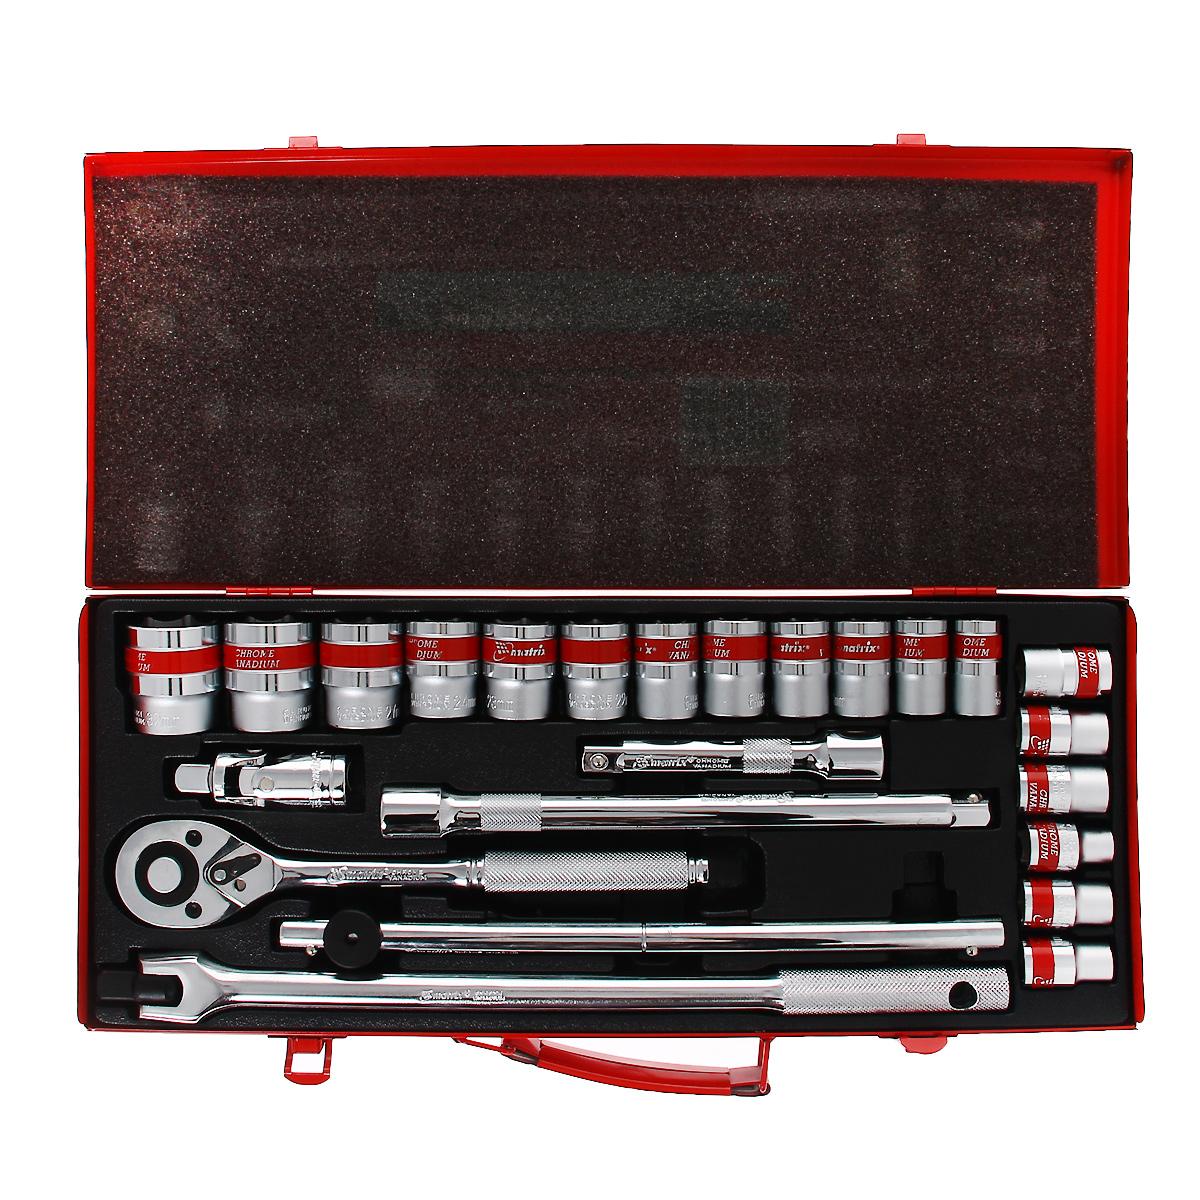 Набор шоферский Matrix, 24 предмета80621Шоферский набор Matrix предназначен для работы с резьбовыми соединениями. Инструмент изготовлен из хромованадиевой стали с хромированным покрытием, что обеспечивает высокое качество и долговечность.Состав набора:Головки торцевые шестигранные: 10 мм, 11 мм, 12 мм, 13 мм, 14 мм, 15 мм, 16 мм, 17 мм, 18 мм, 19 мм, 20 мм, 21 мм, 22 мм, 23 мм, 24 мм, 27 мм, 30 мм, 32 мм.Ключ трещоточный 1/2, 45 зубьев, с металлической ручкой, реверсом и механизмом быстрого сброса.Удлинитель 1/2 125 мм.Удлинитель 1/2: 250 мм.Вороток Т-образный 1/2.Карданный шарнир 1/2.Вороток с плавающим квадратом 1/2.